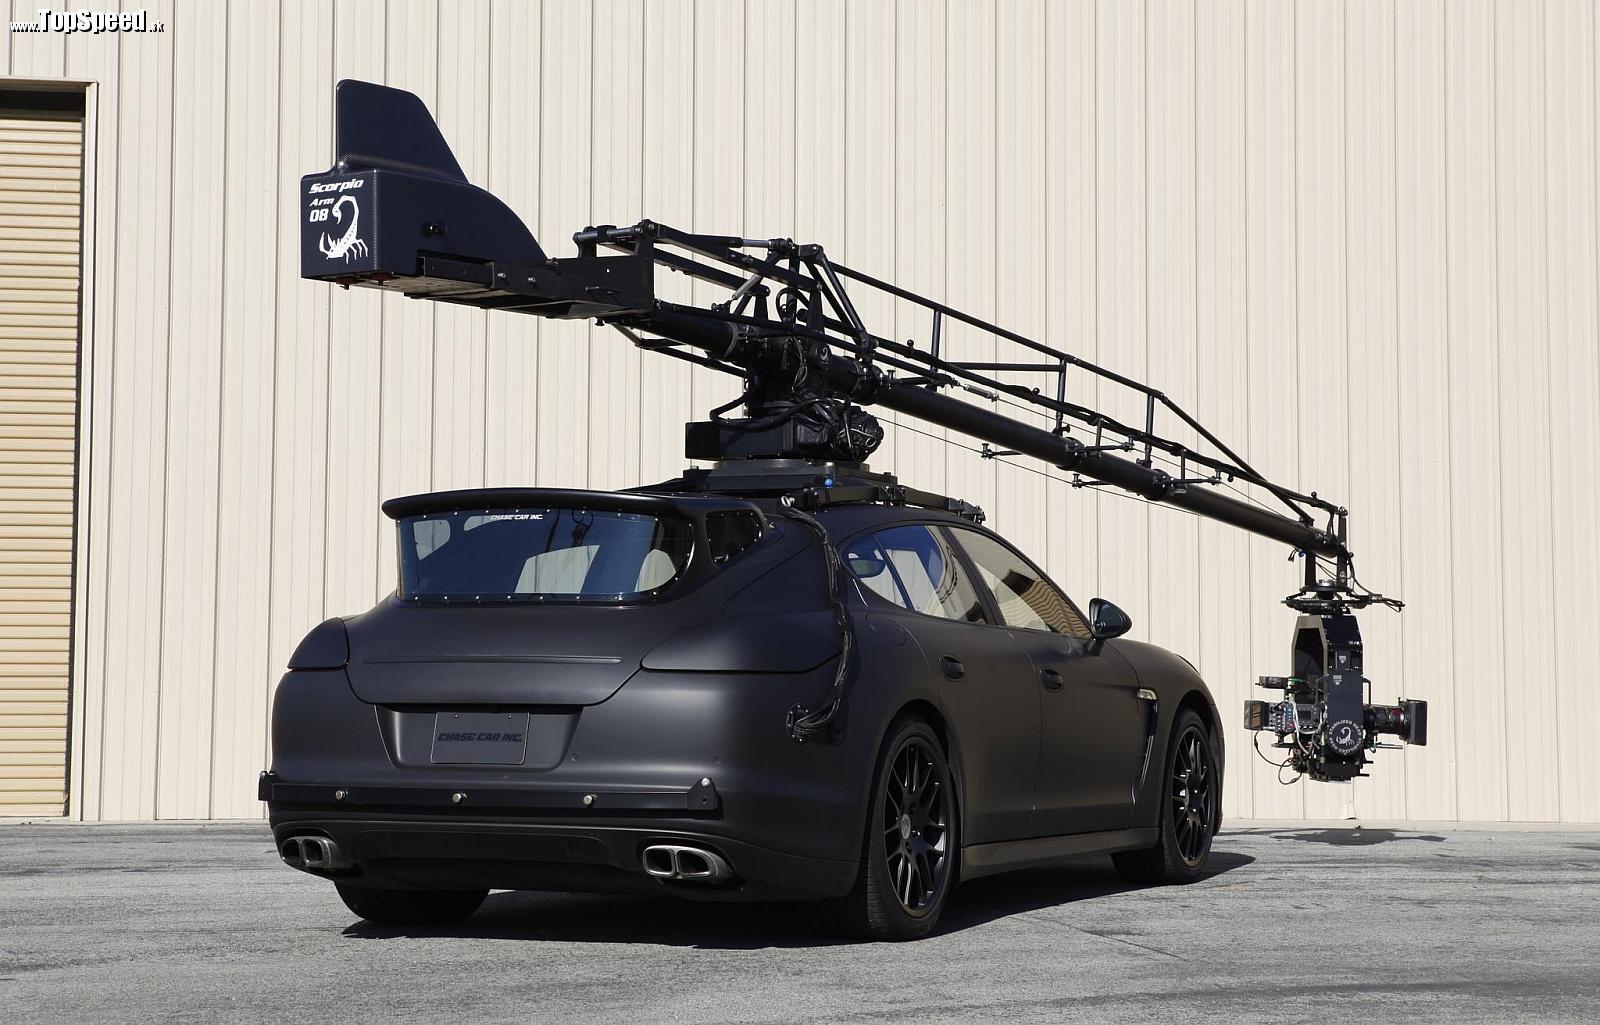 Porsche Panamera Turbo v podaní Chase Car Inc.